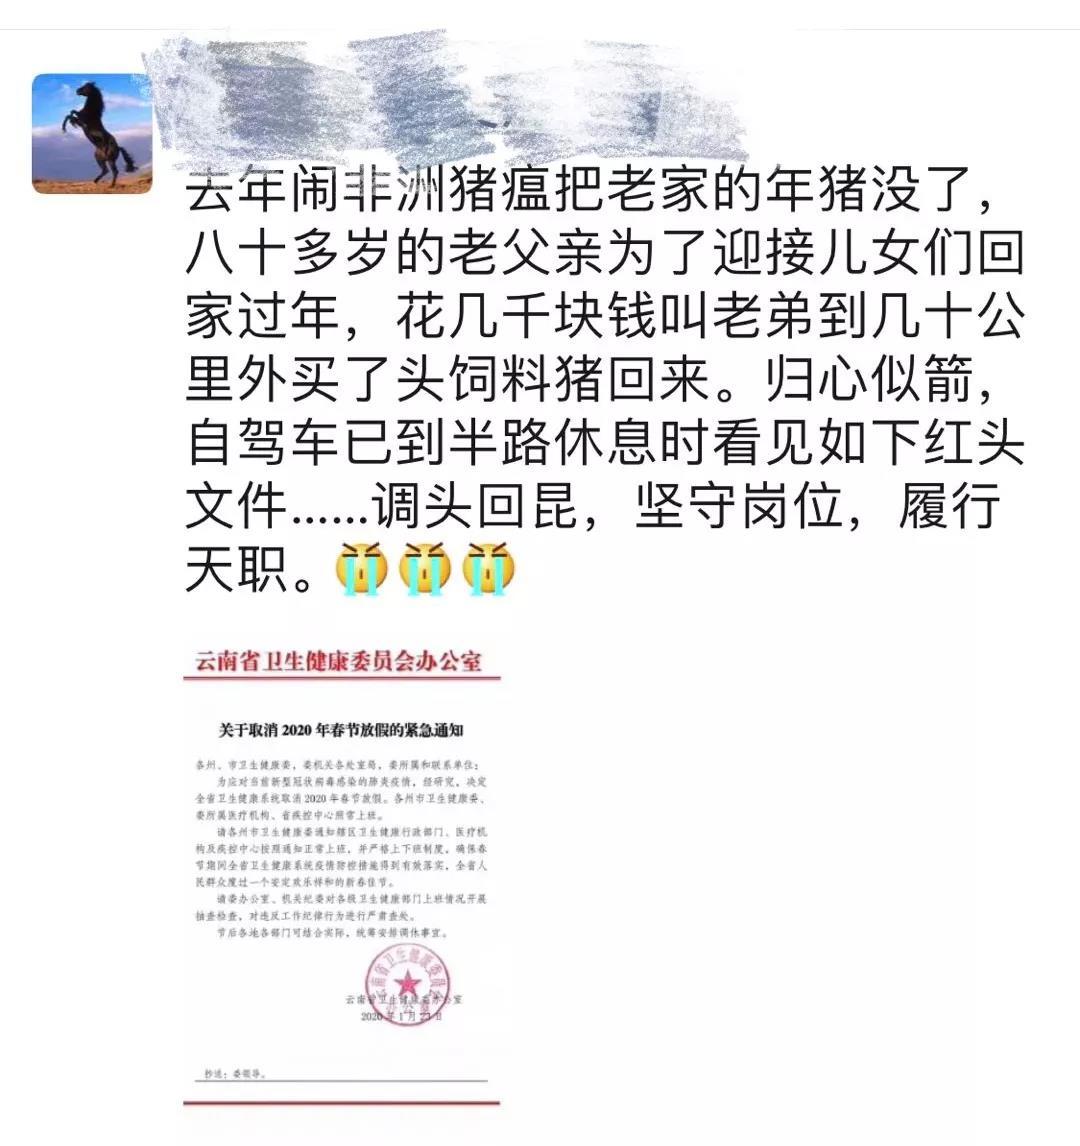 这些云南医务人员的朋友圈,看哭了……16.jpg